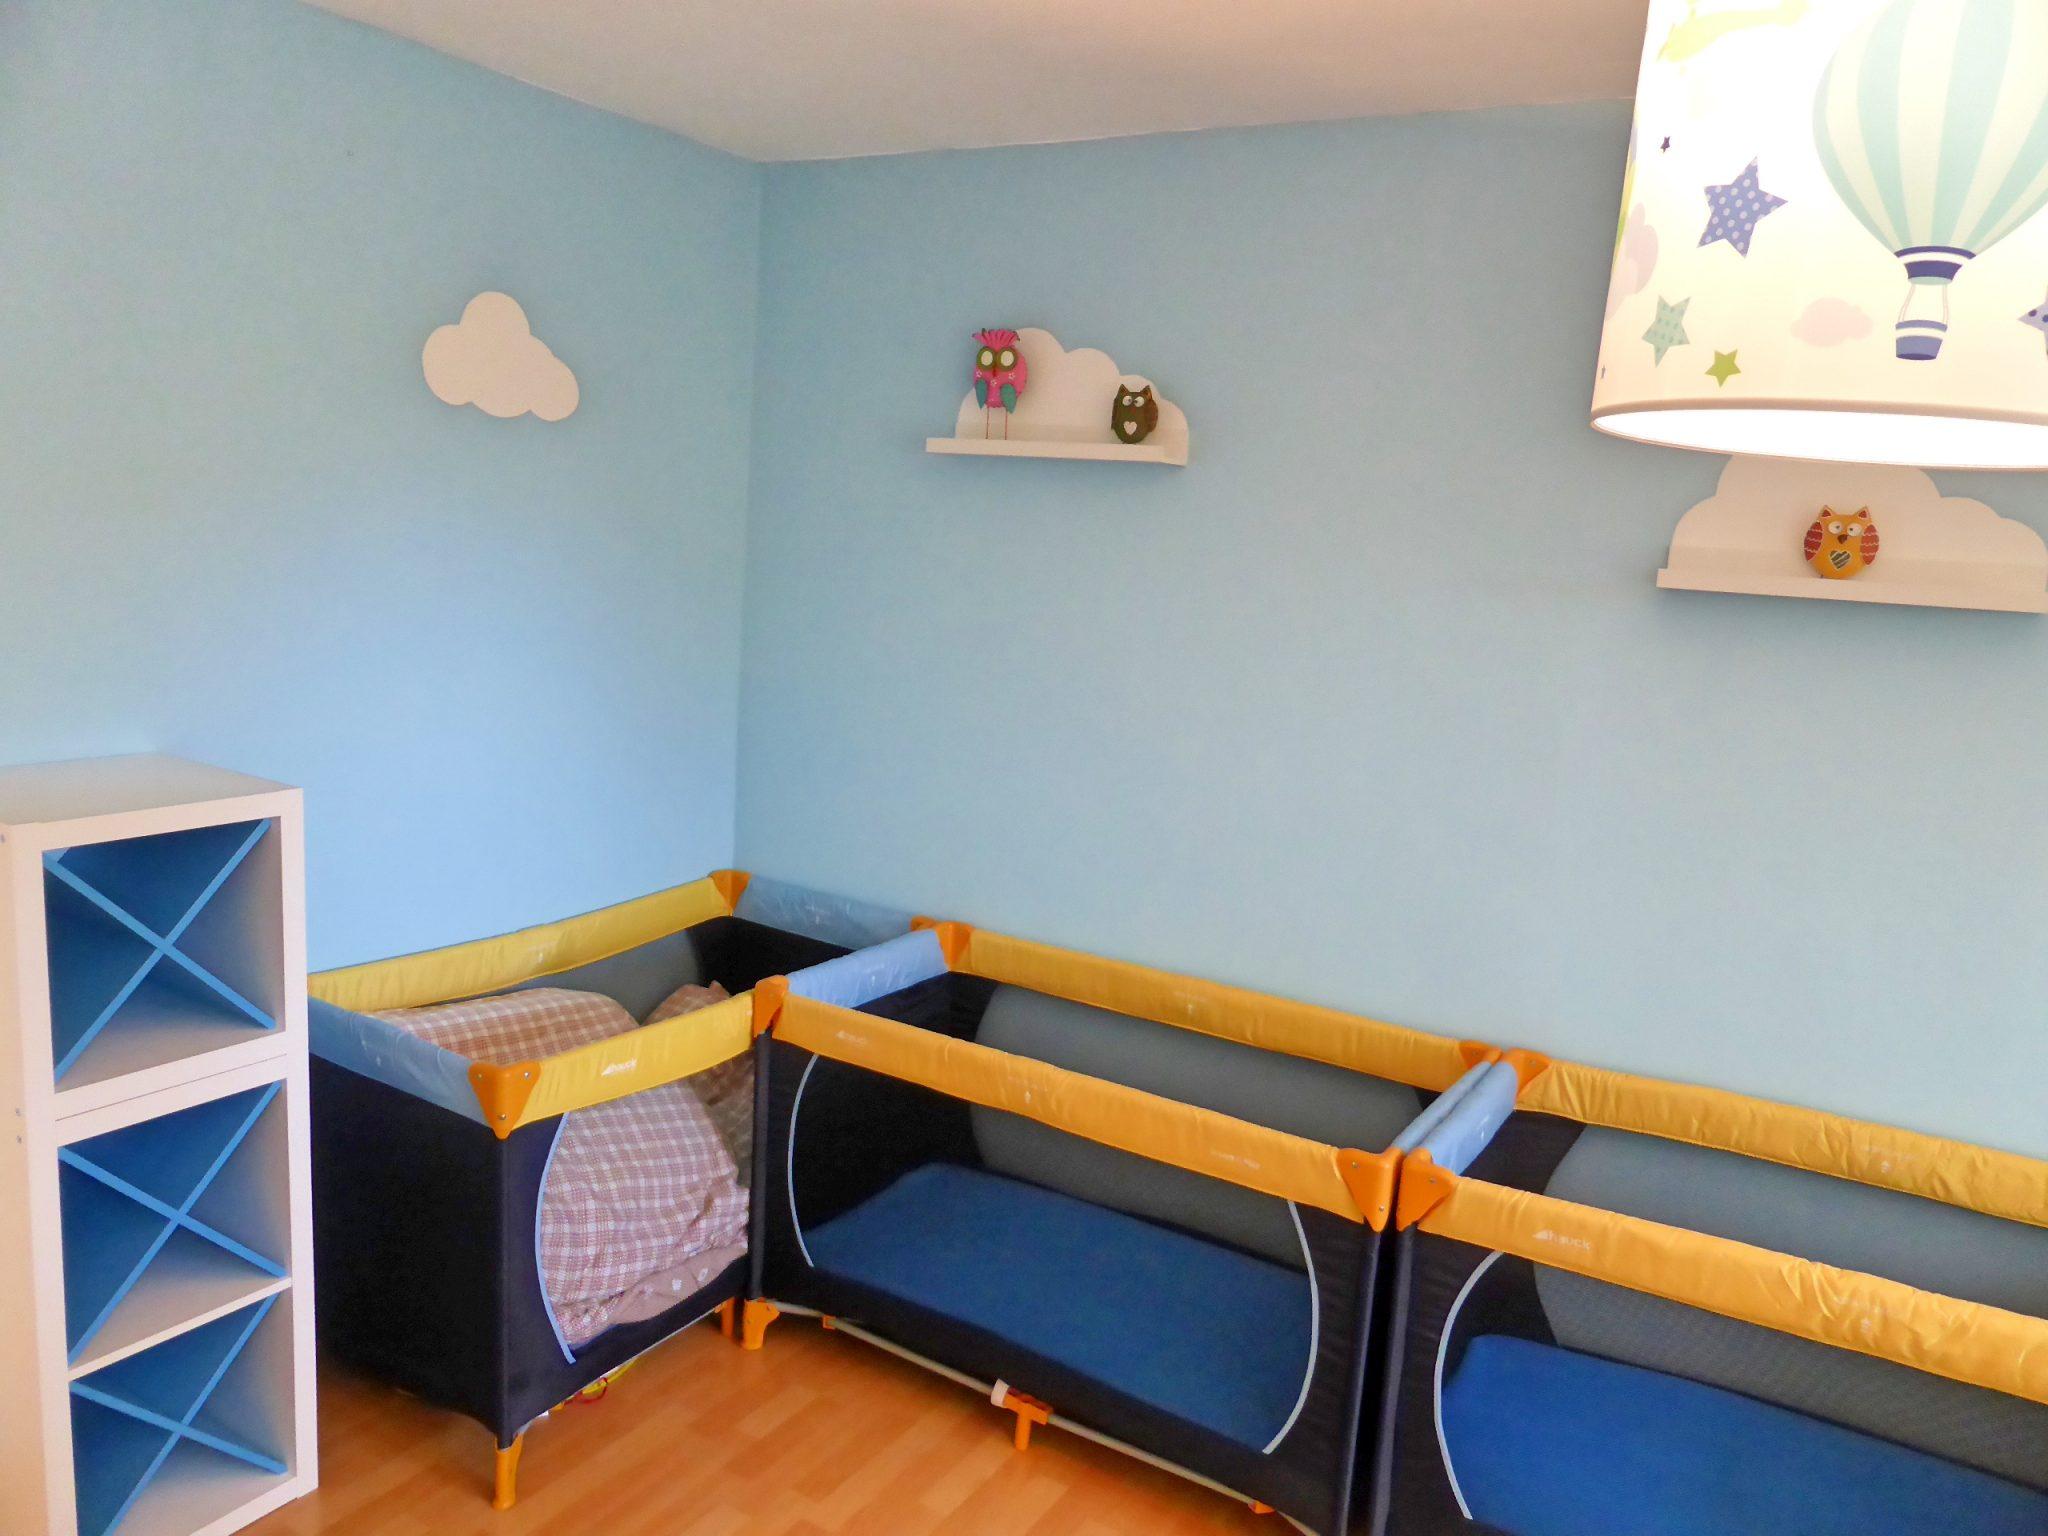 Schlafzimmer 6 Kita Kid Zone Kinderbetreuung - Schlafzimmer